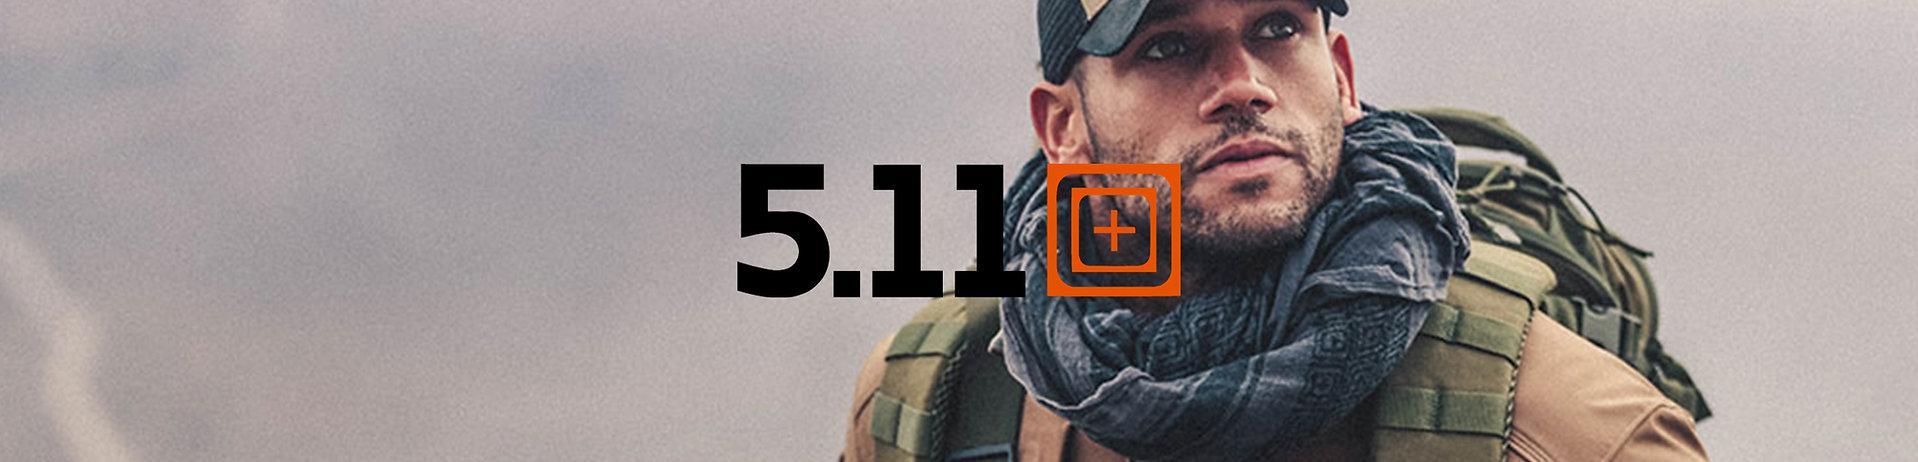 511-banner.jpg